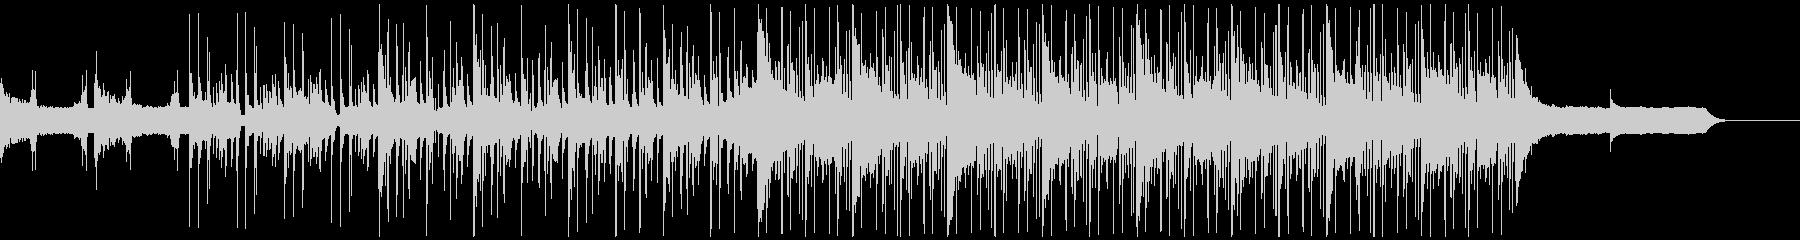 オーガニックエレクトロニカ CMジングルの未再生の波形